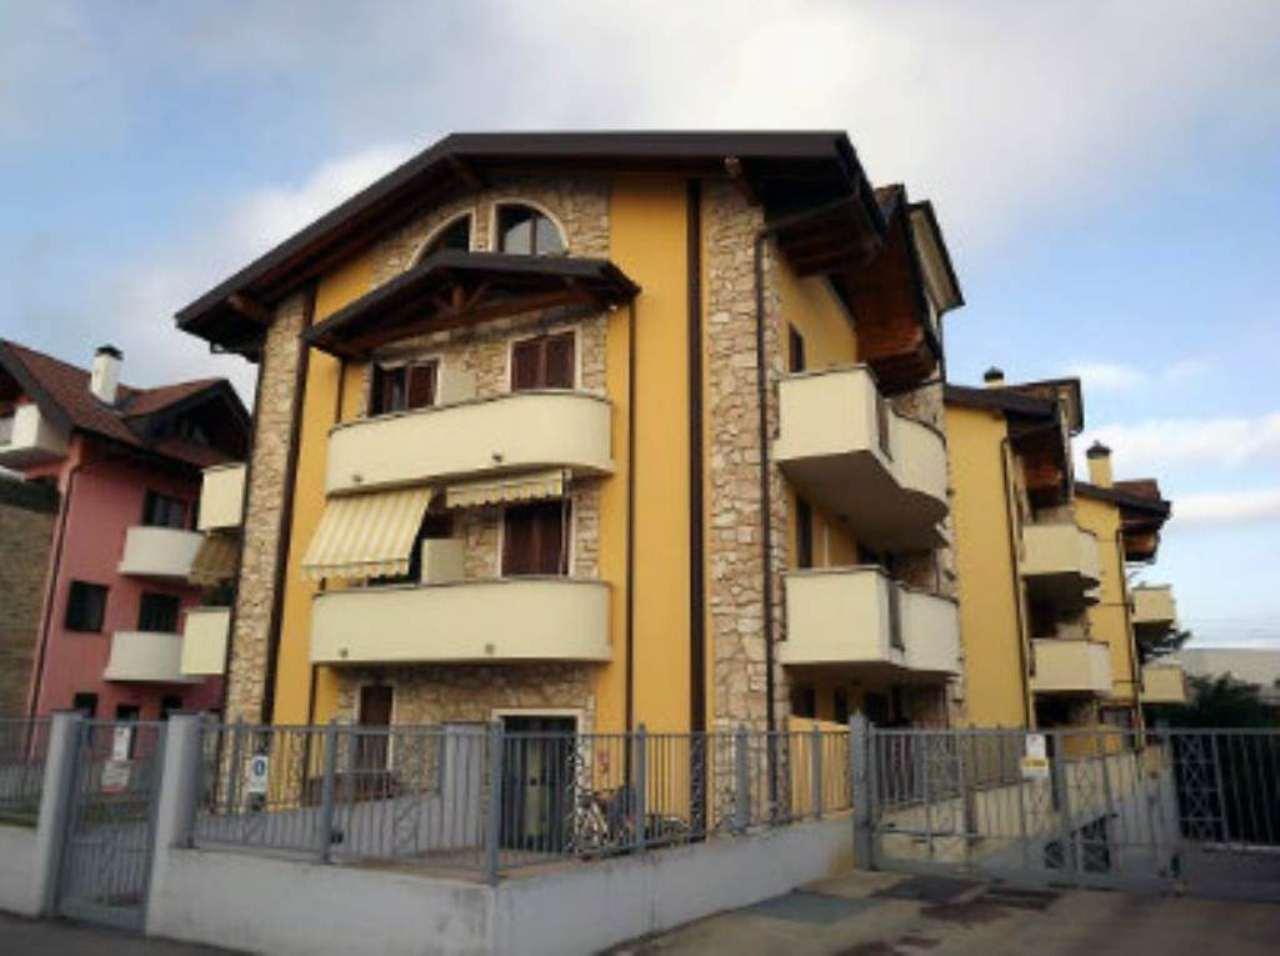 Bilocale Treviglio Via Benvenuto Cellini 1